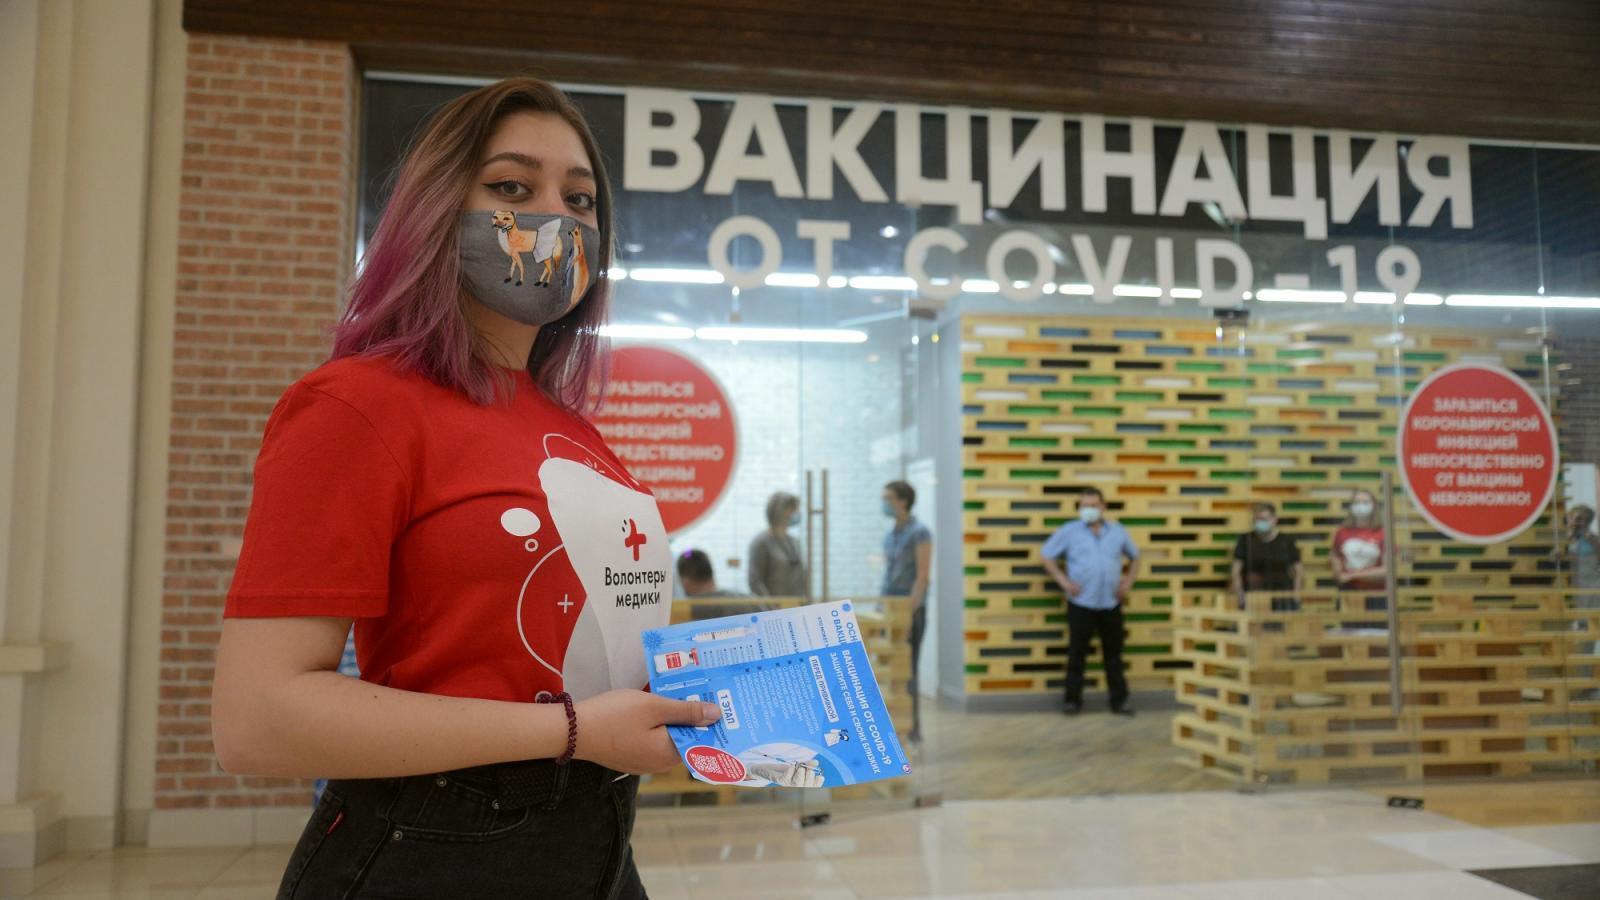 Вологжан хотят вакцинировать в торговых центрах